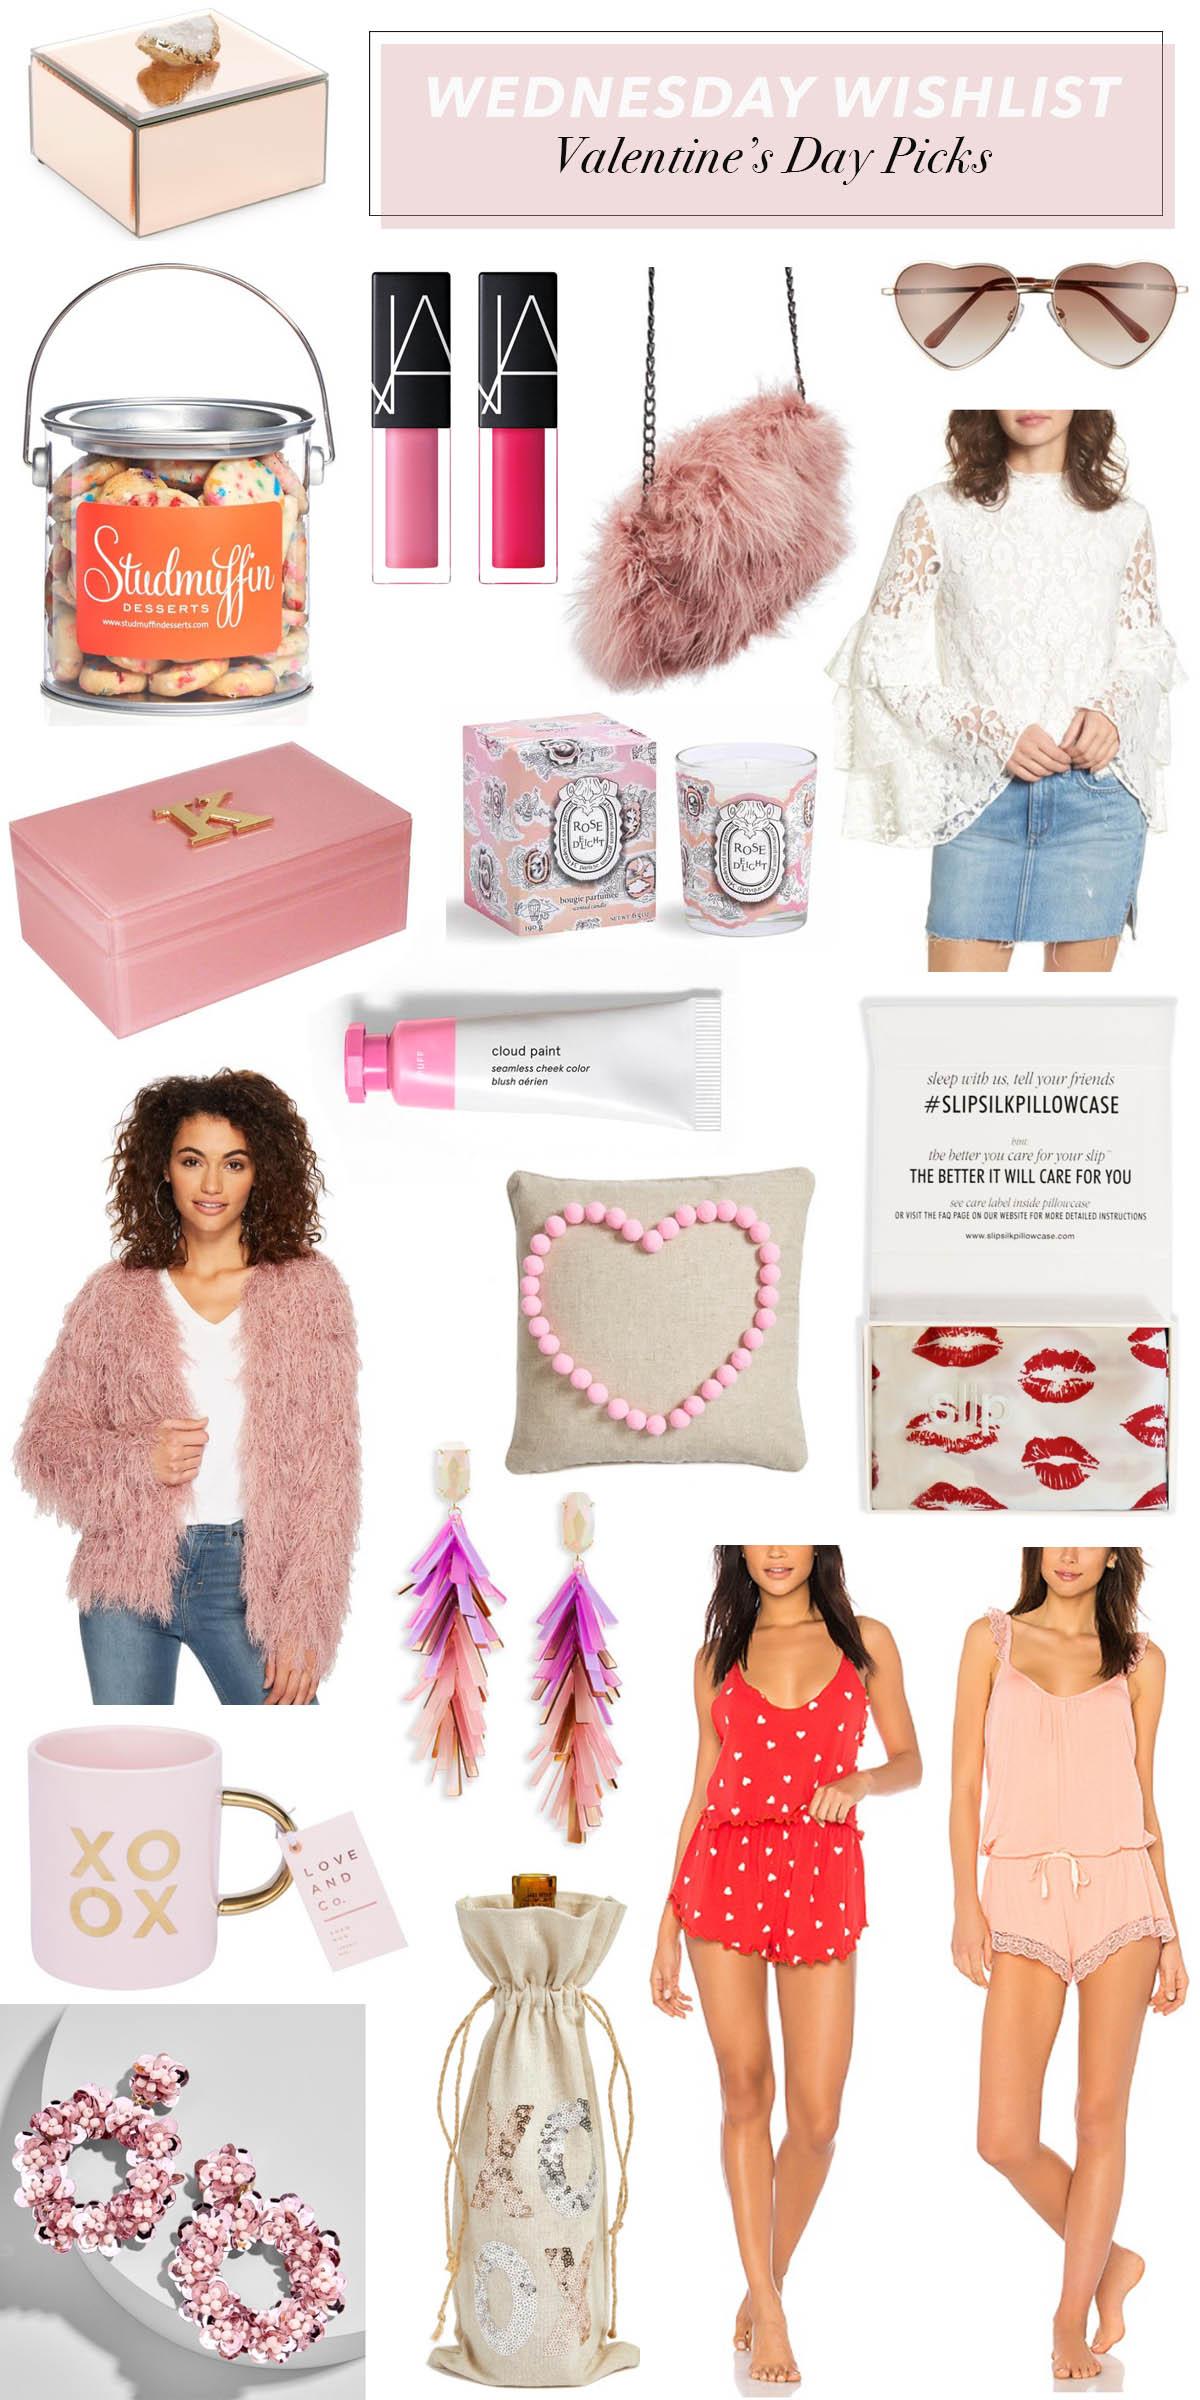 Valentine's Day Picks | Valentine's Day Gift Ideas